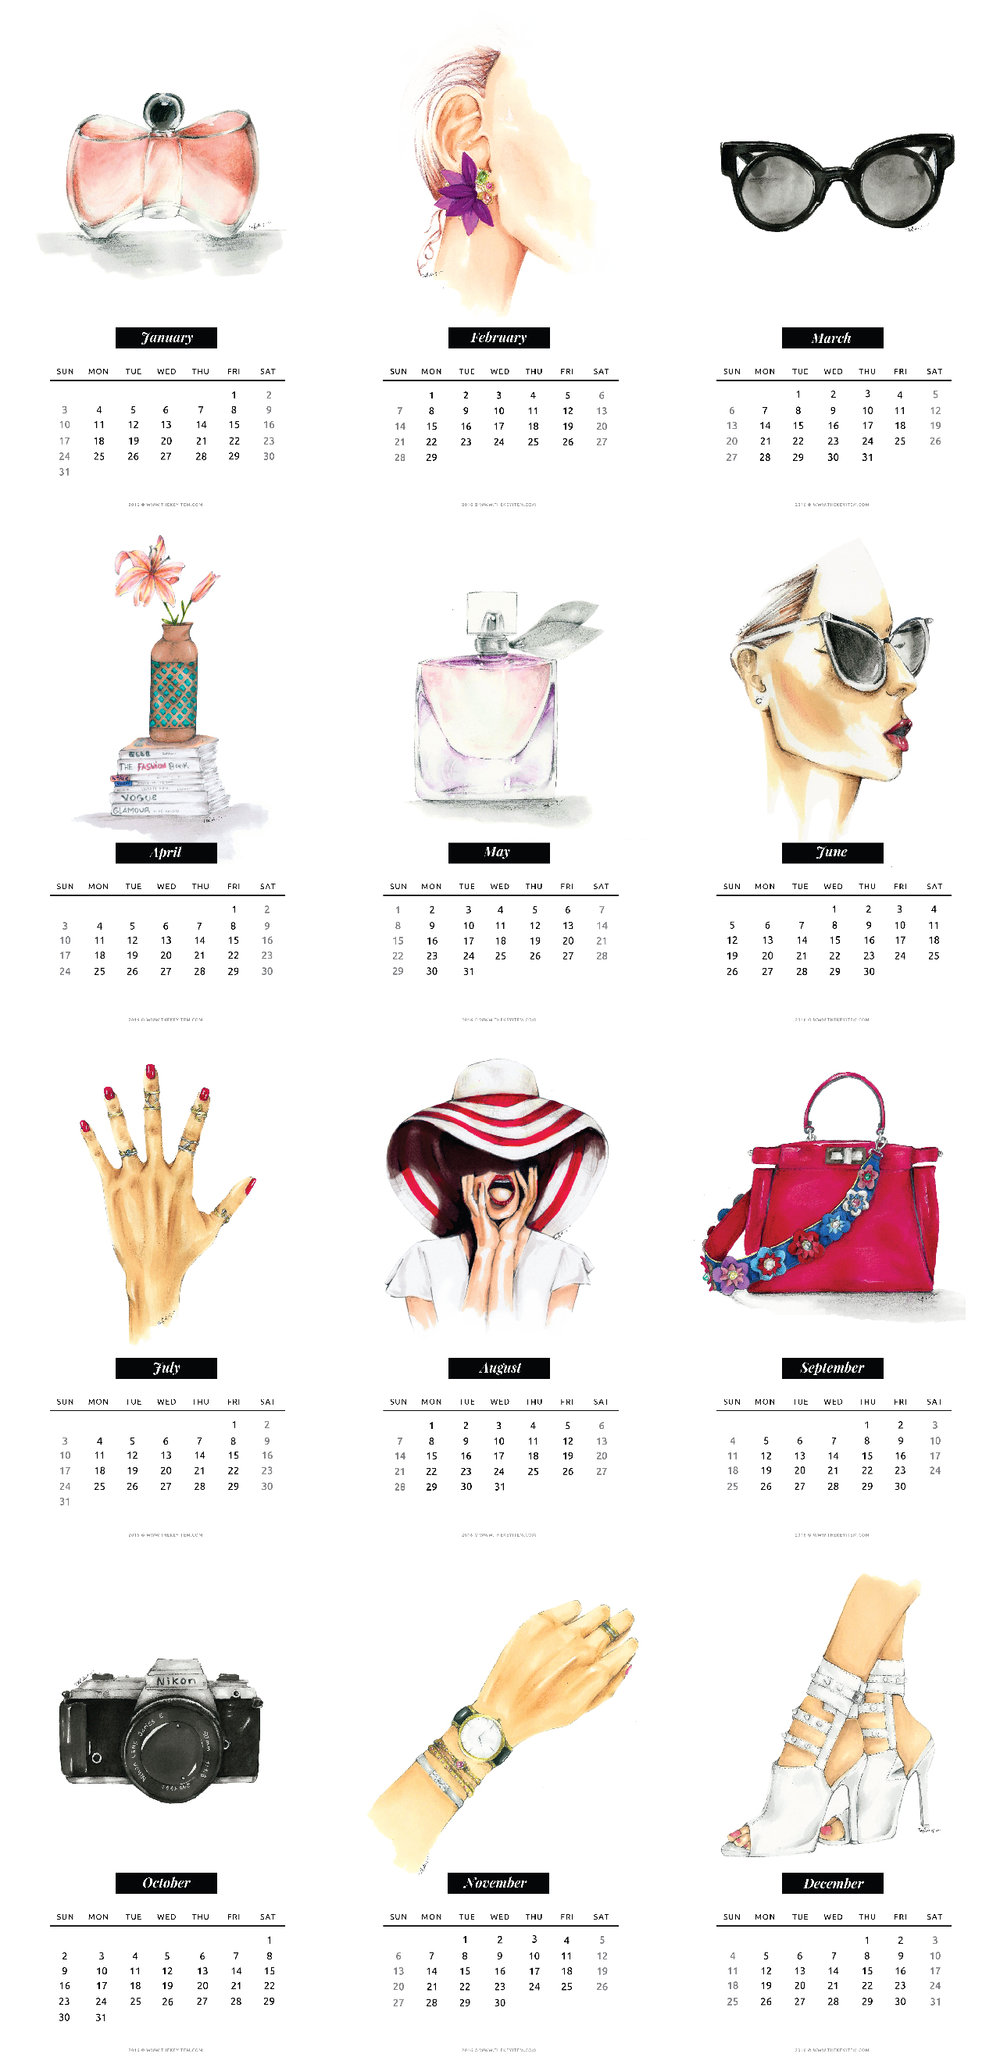 Calendario Ilustrado 2016 Gratis // Calendario ilustrado GRATIS del 2016 que puedes utilizar para planear tus metas o para regalar a tus amigos esta Navidad. ¡DESCARGALO AHORA!